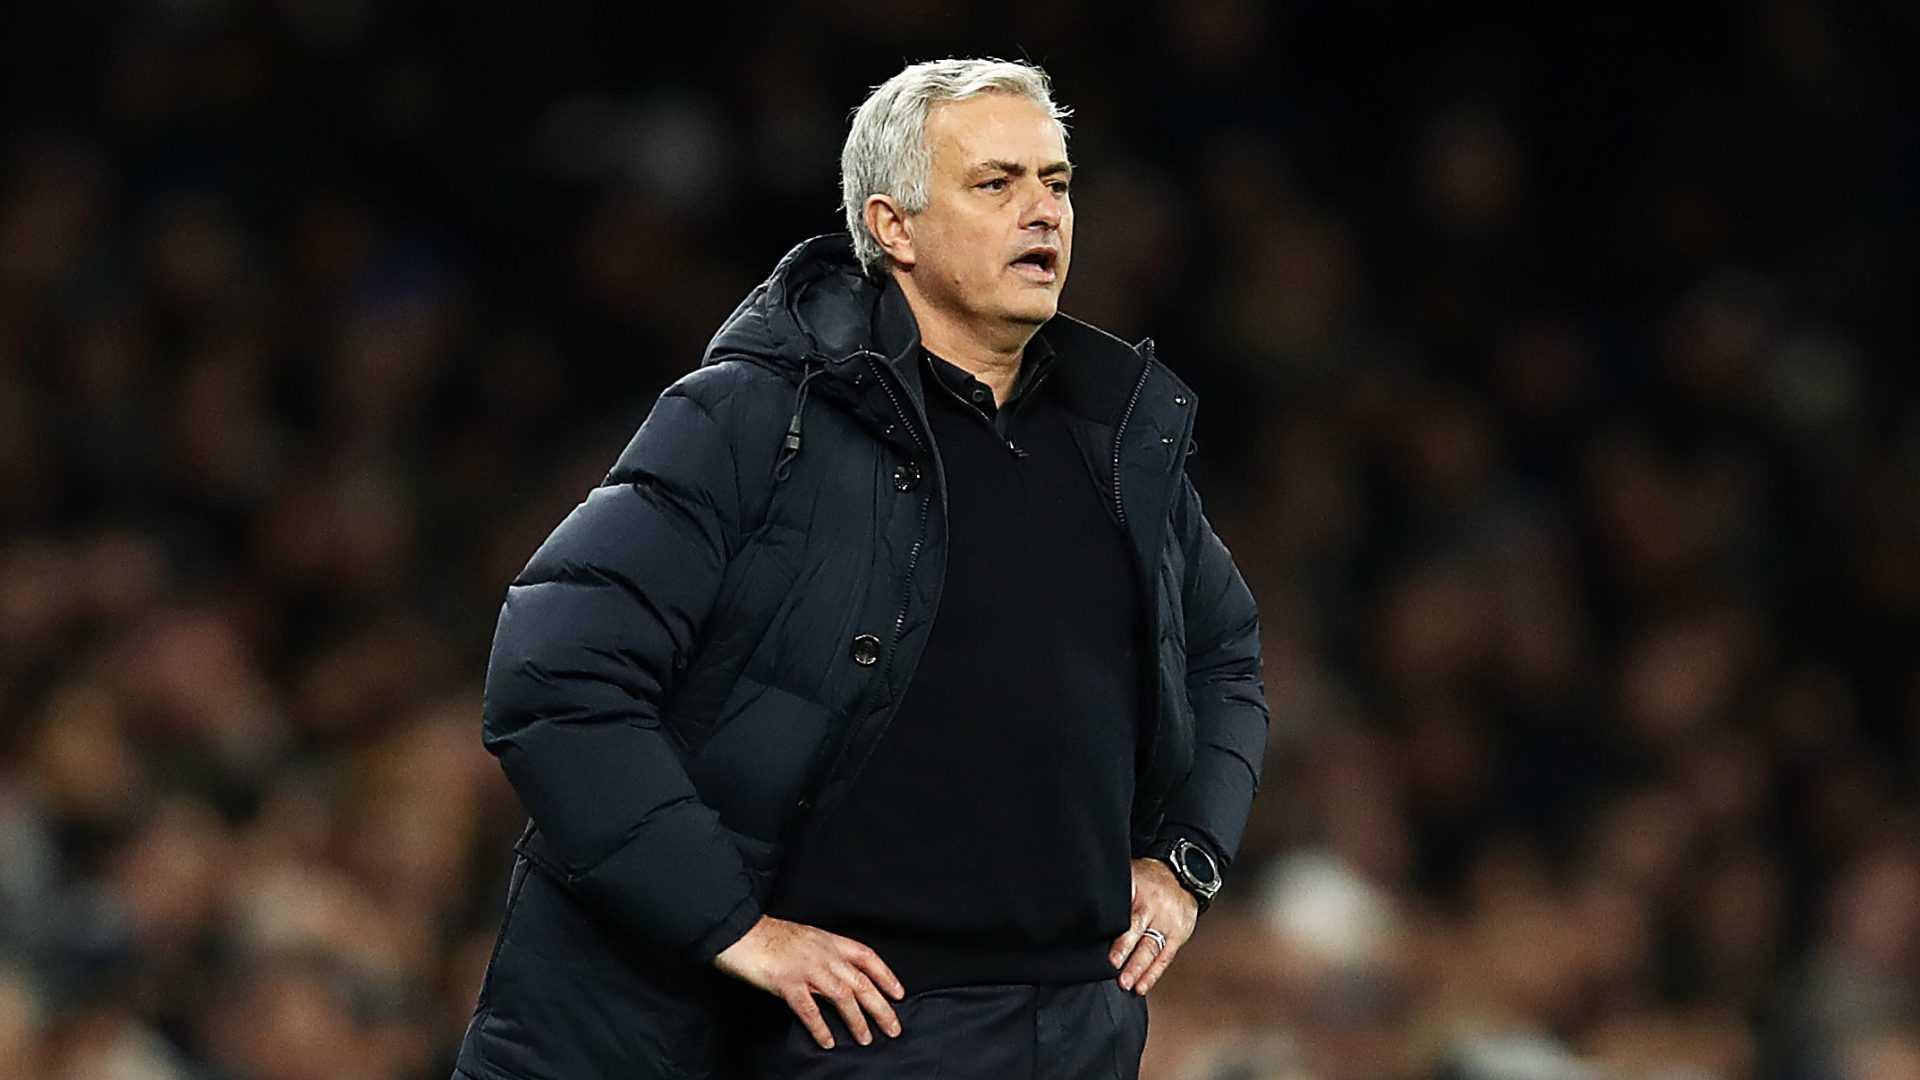 Mourinho alla Roma: i pro e i contro